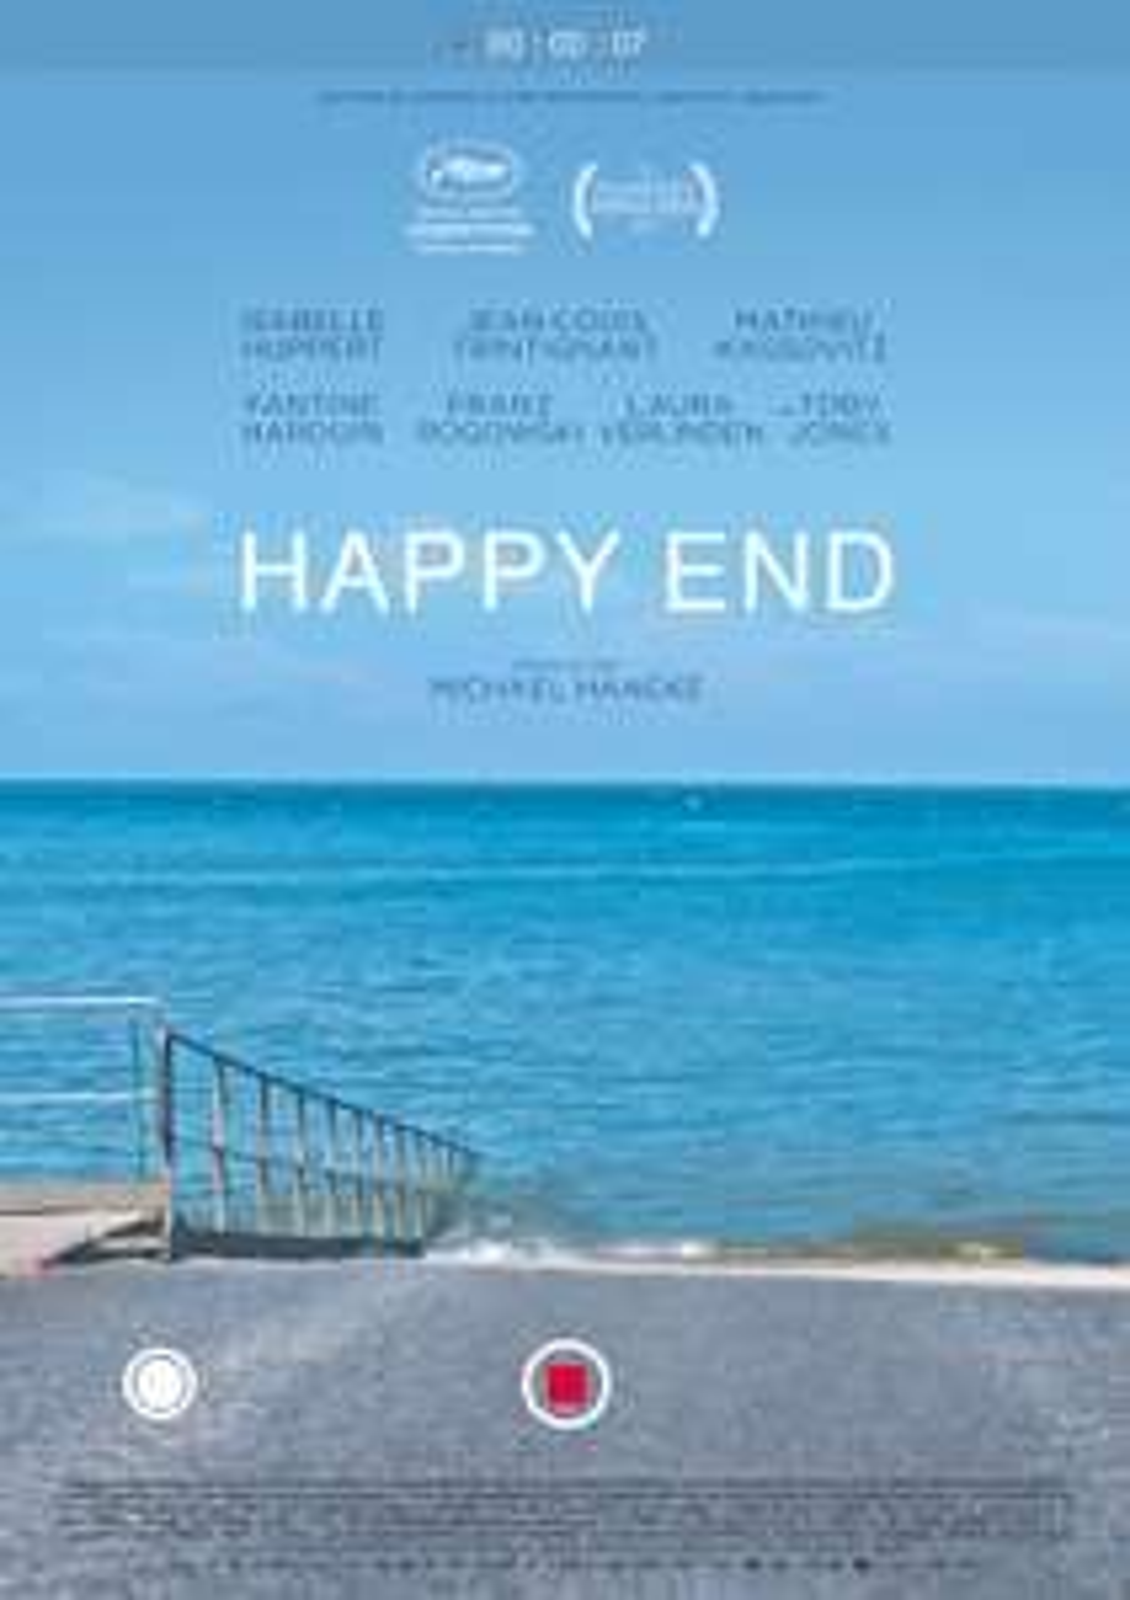 Happy End - kostenlos streamen [Arte ab 20.05. ]